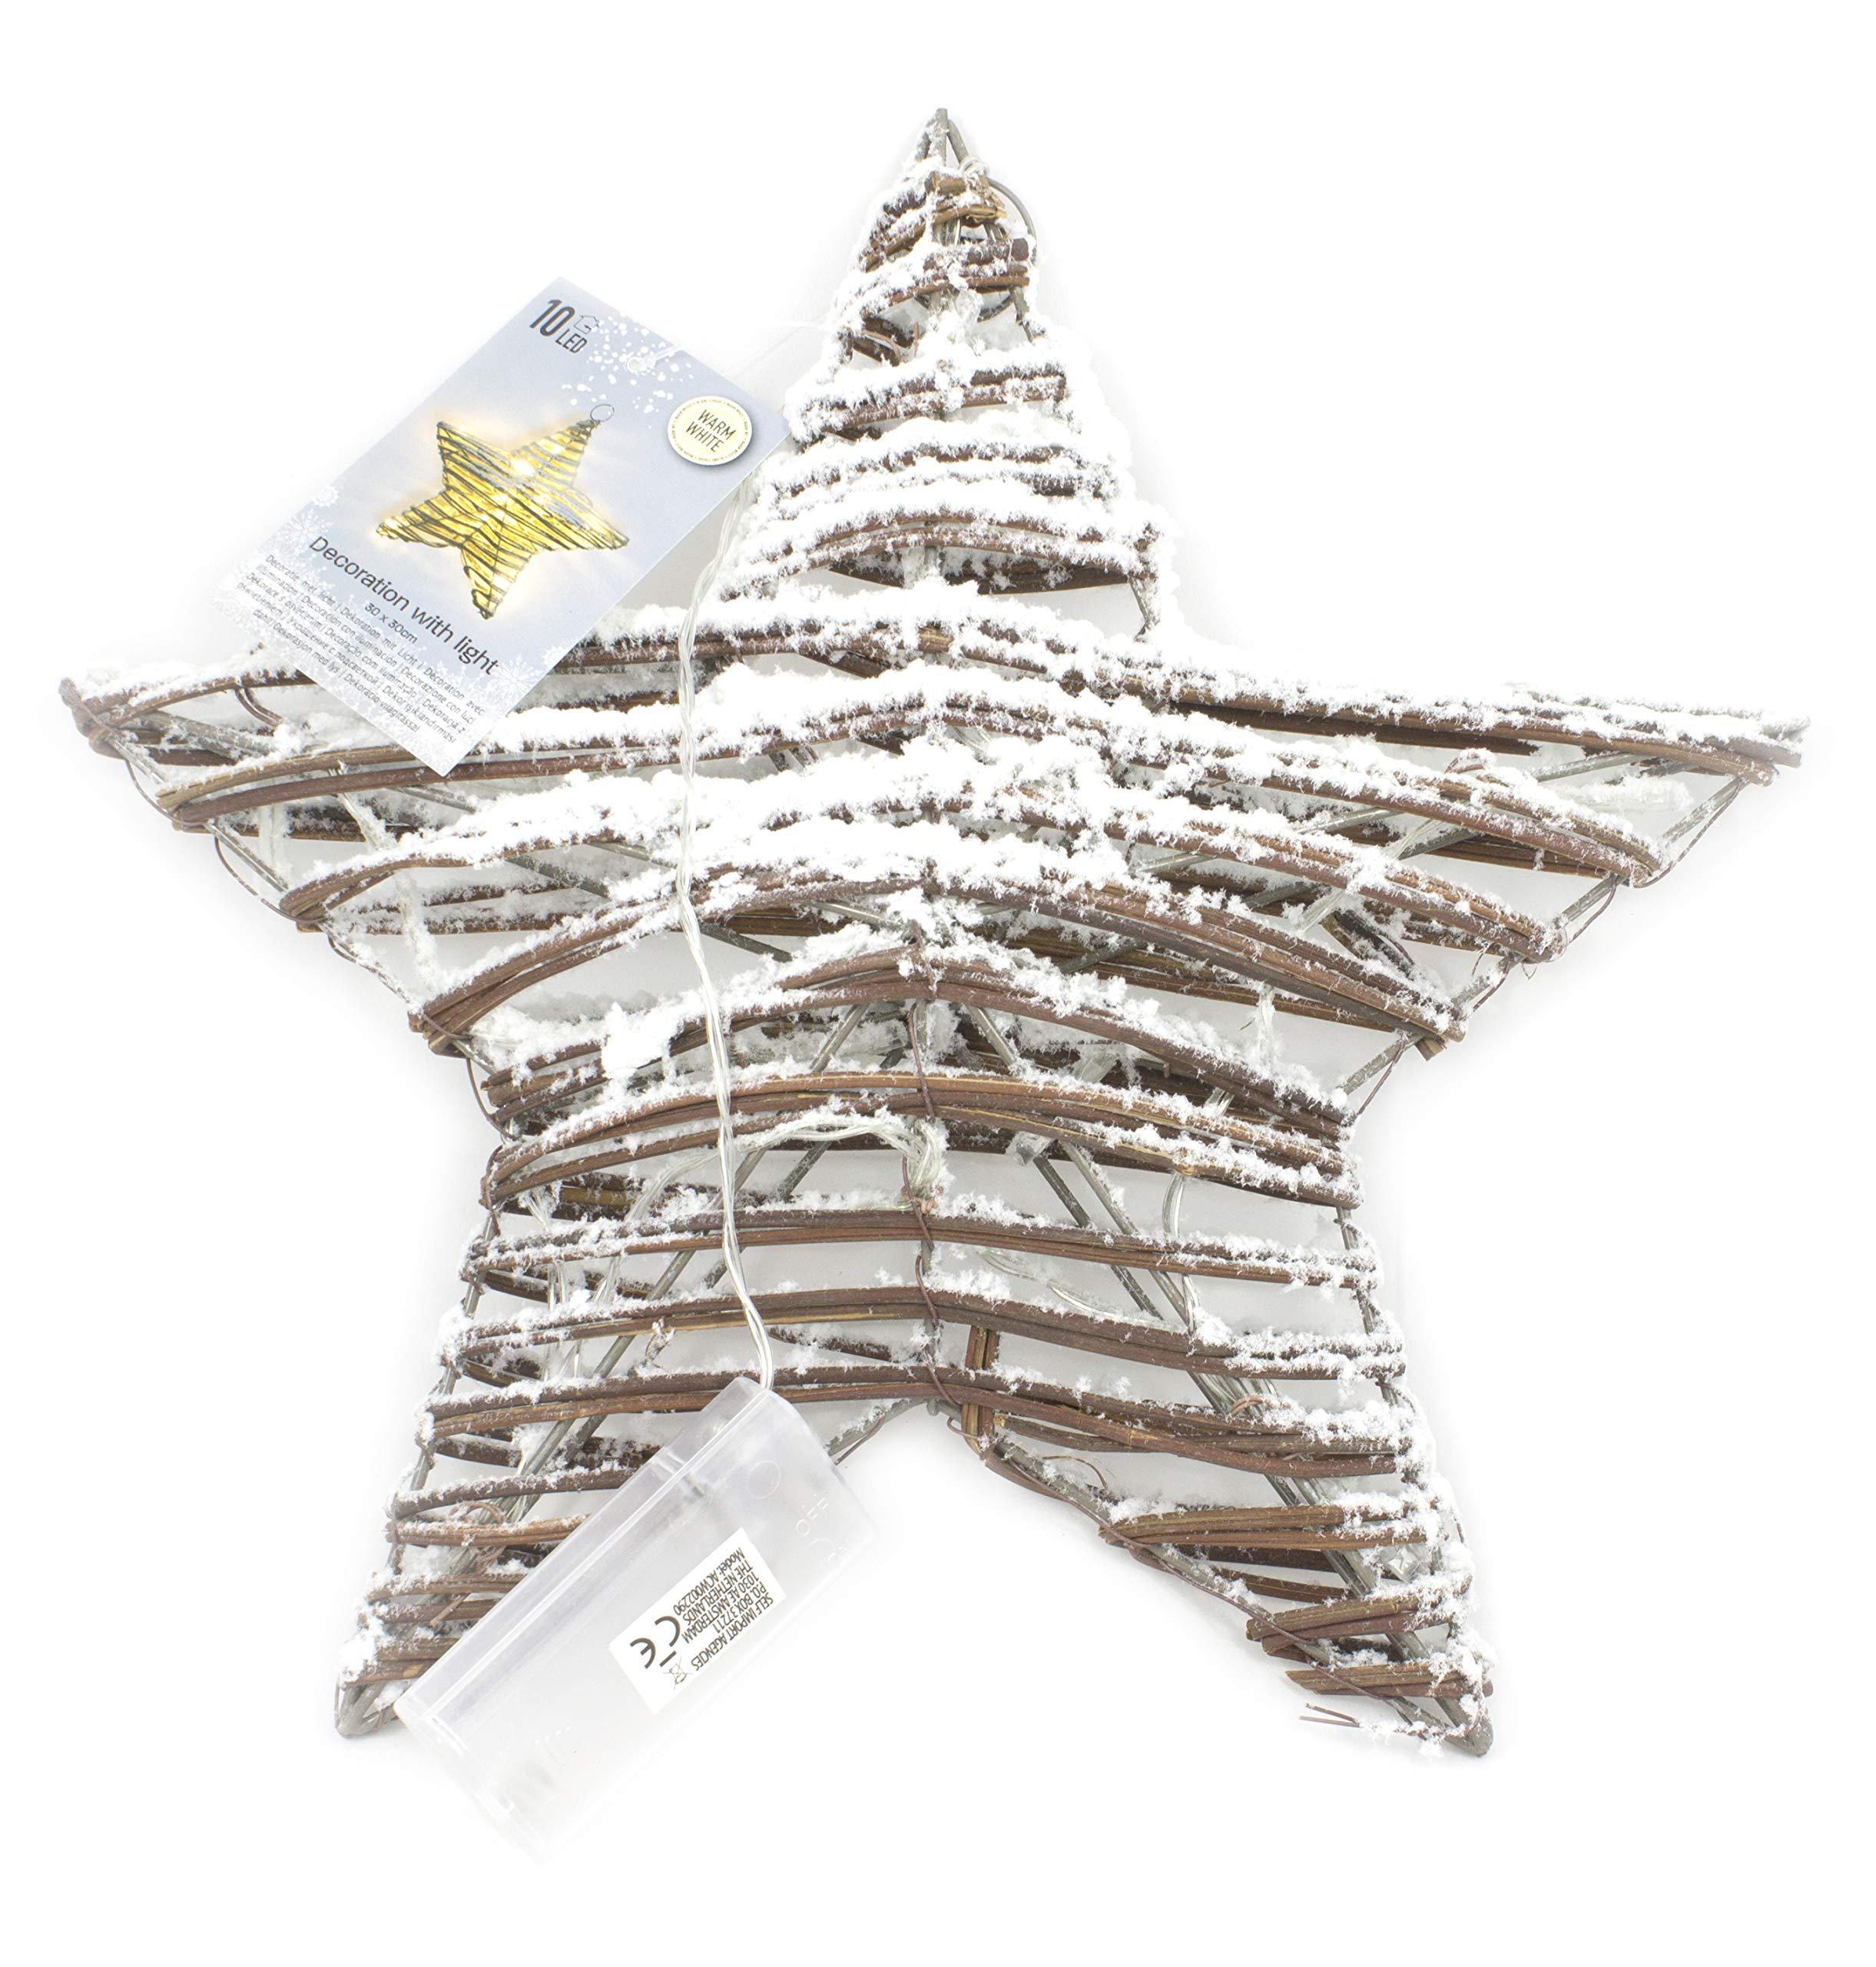 Stella Luminosa Di Natale.Stella Luminosa Led Stella Led Natale Stella Led Decorativa Di Colore Naturale Con Neve Bianca E Un Cerchio Da Appendere 30 X 30 Cm Stella Di